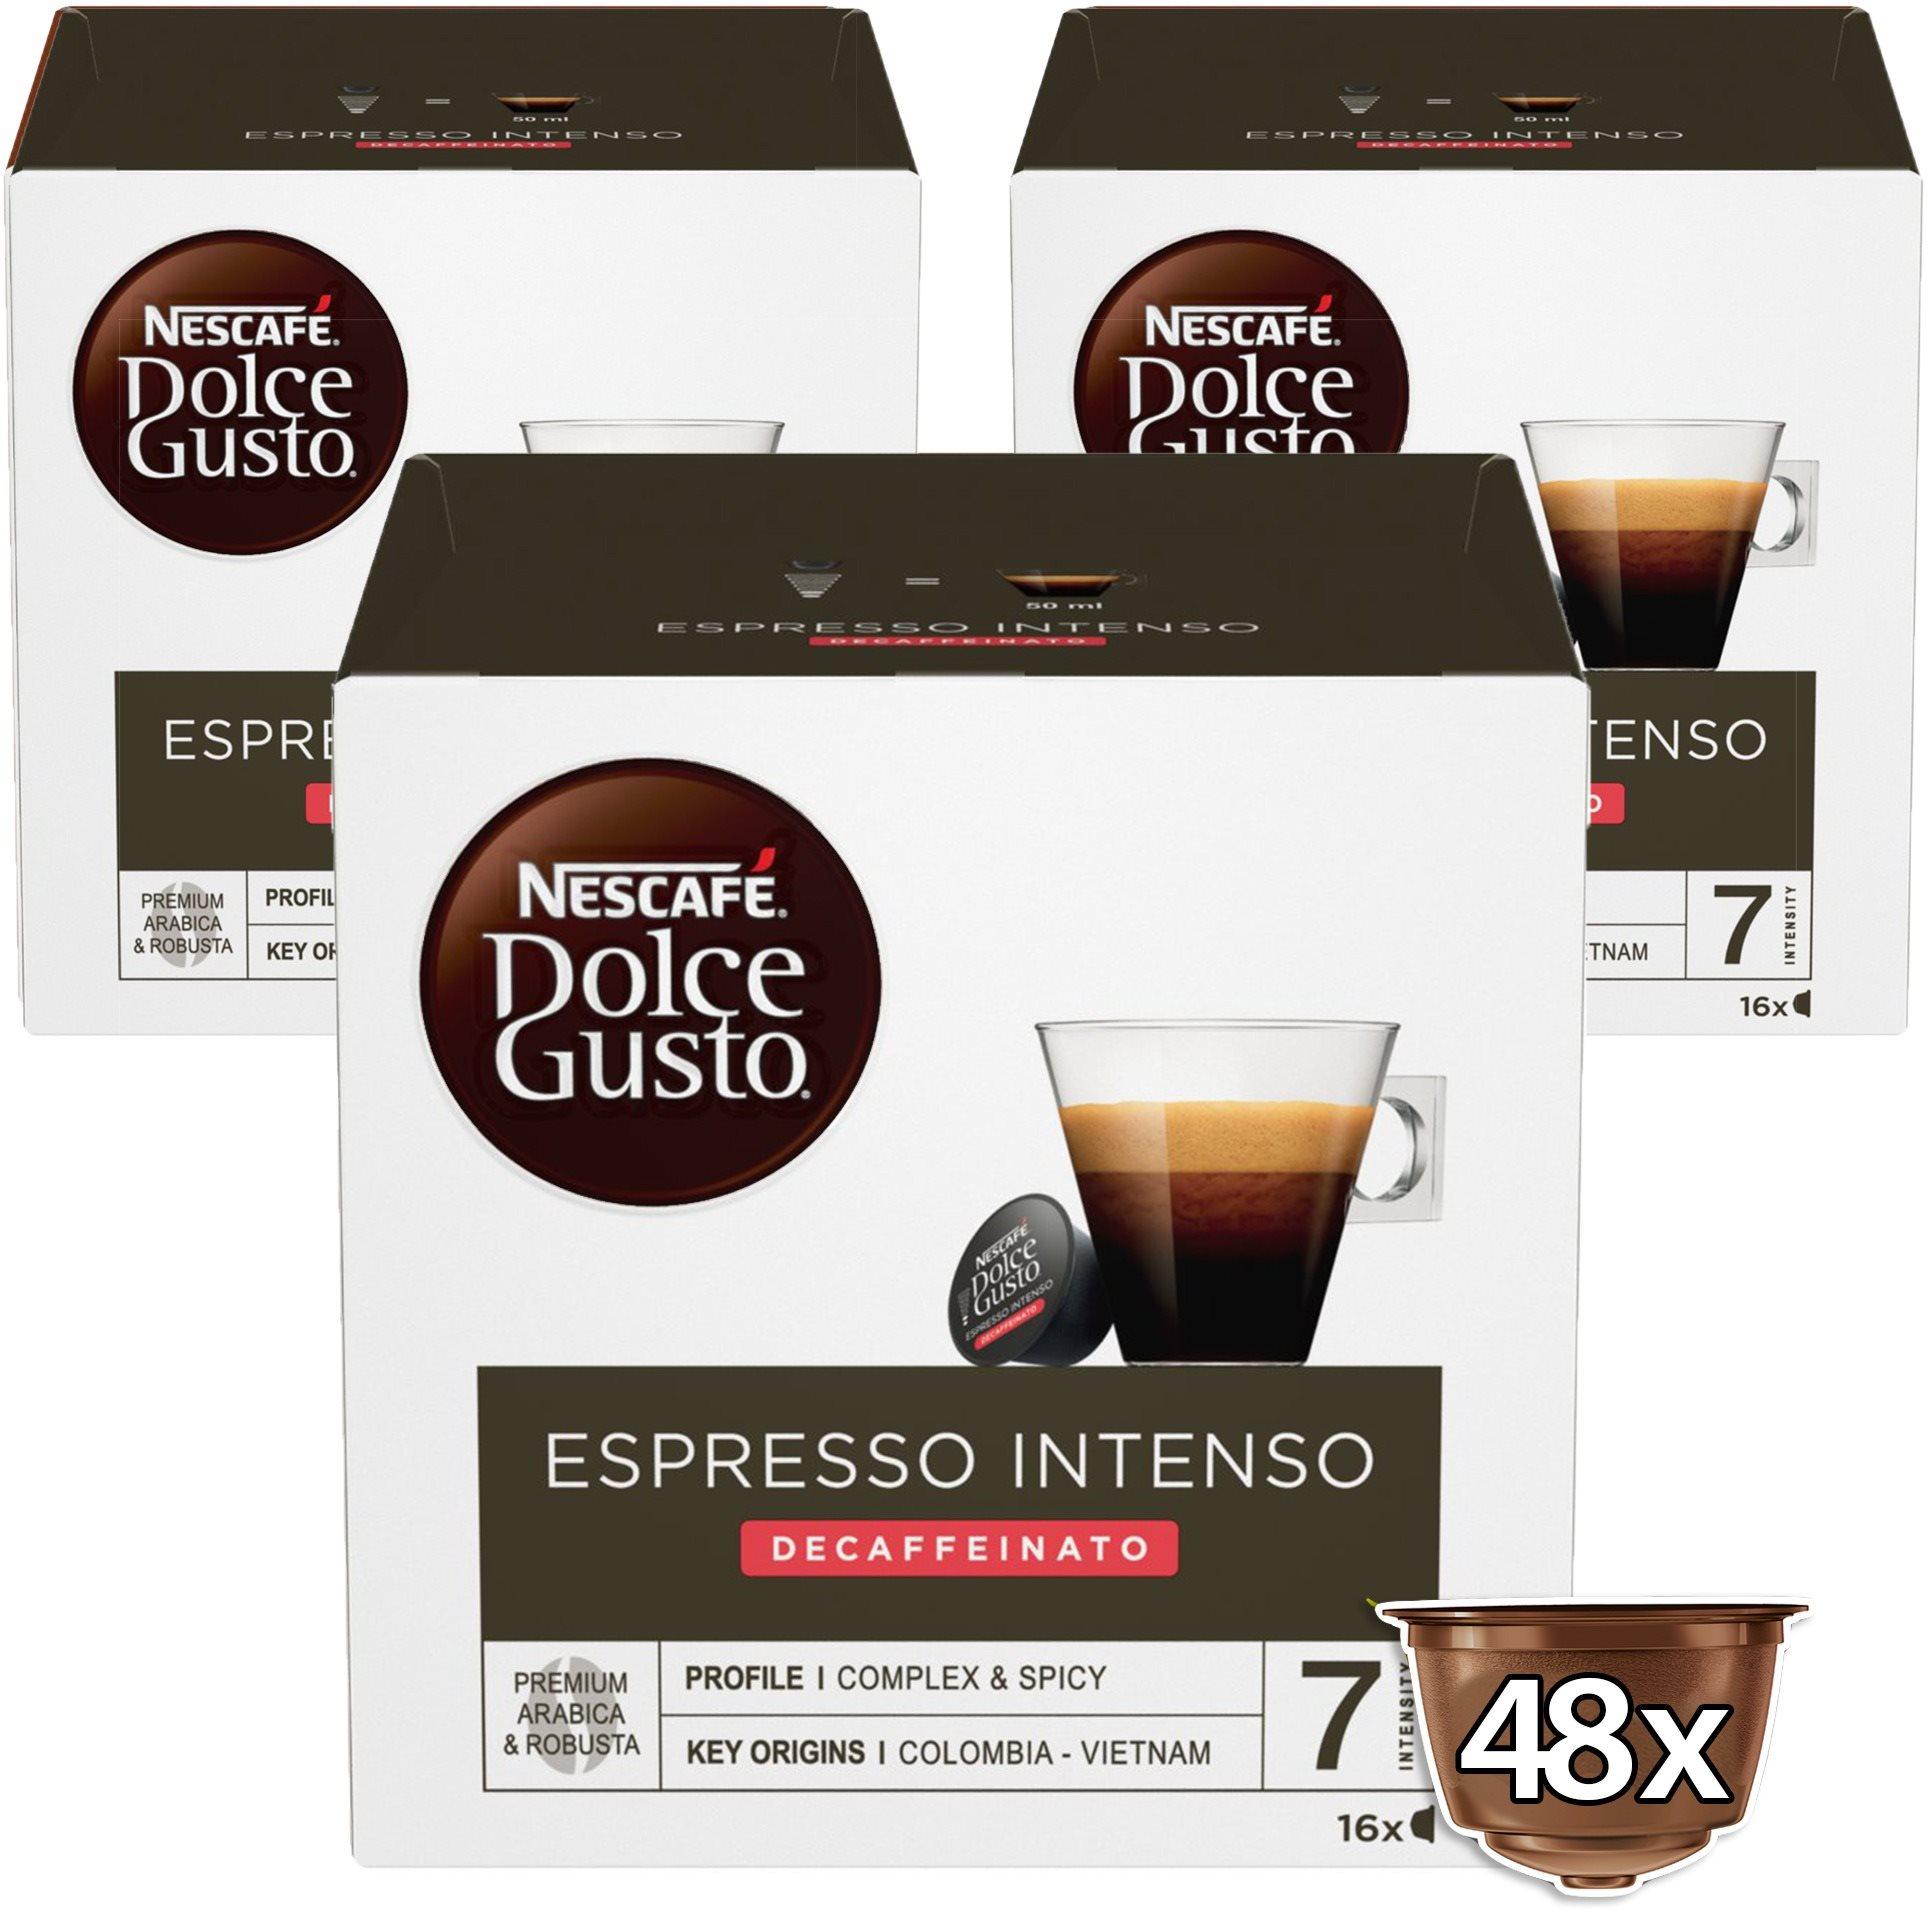 NESCAFÉ Dolce Gusto Espresso Intenso Decaffeinato, 3 csomag